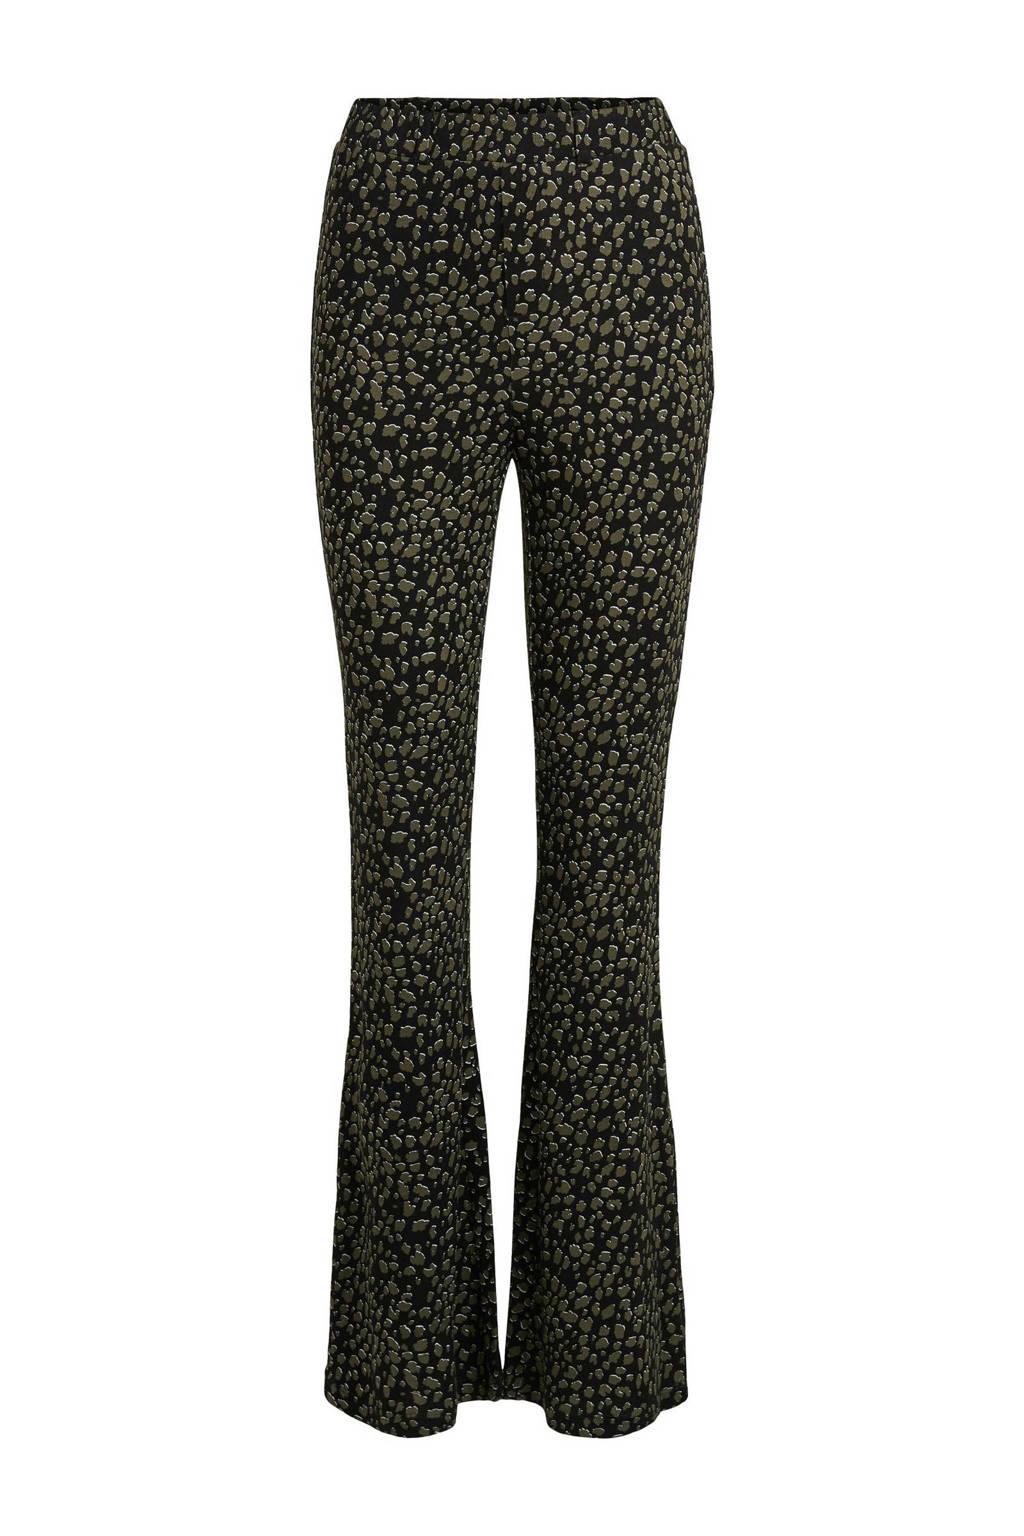 VILA flared legging met panterprint zwart/kaki, Zwart/kaki